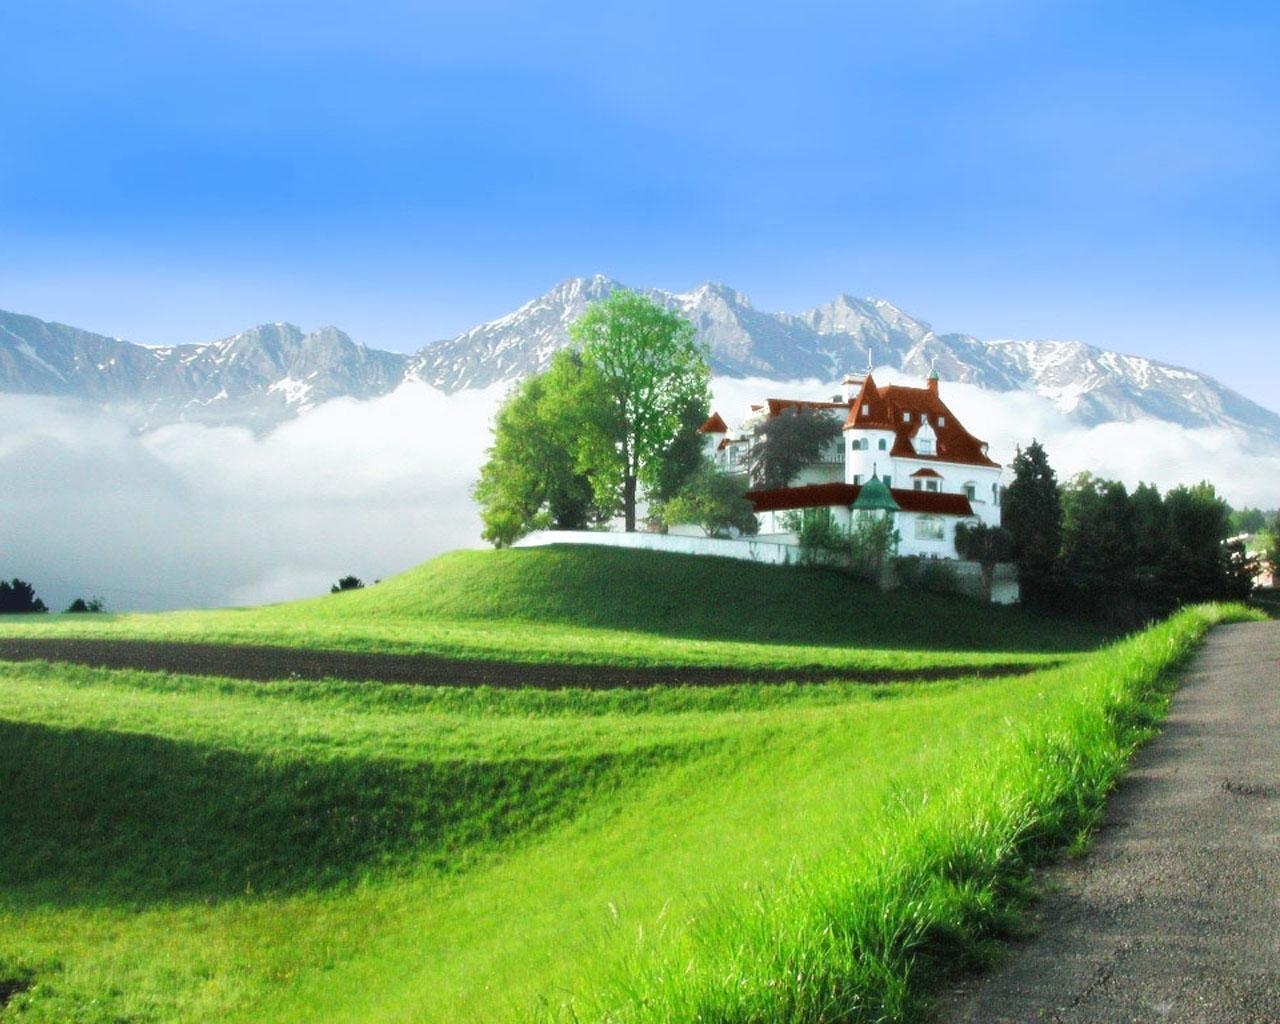 Скачать картинку Пейзаж, Дома, Горы в телефон бесплатно.